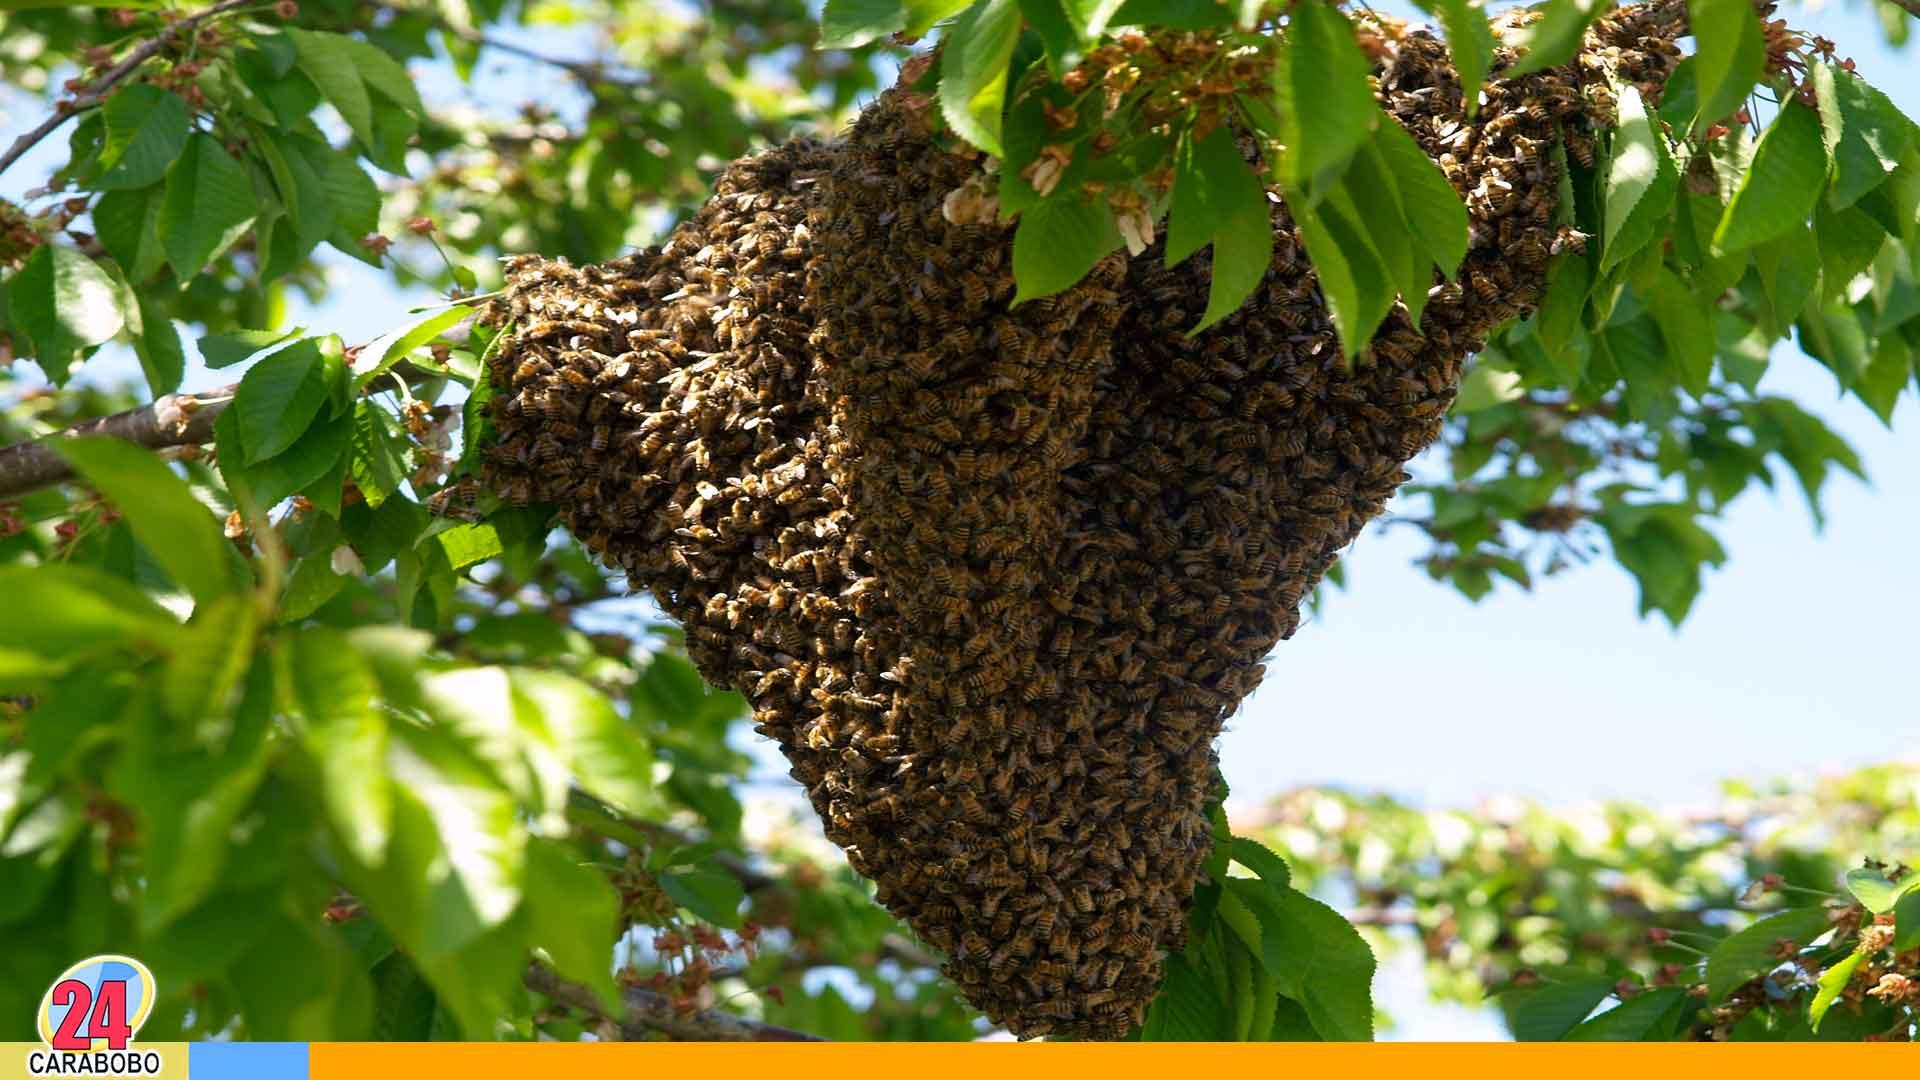 Noticias 24 Carabobo - Ataque de abejas en vigirima